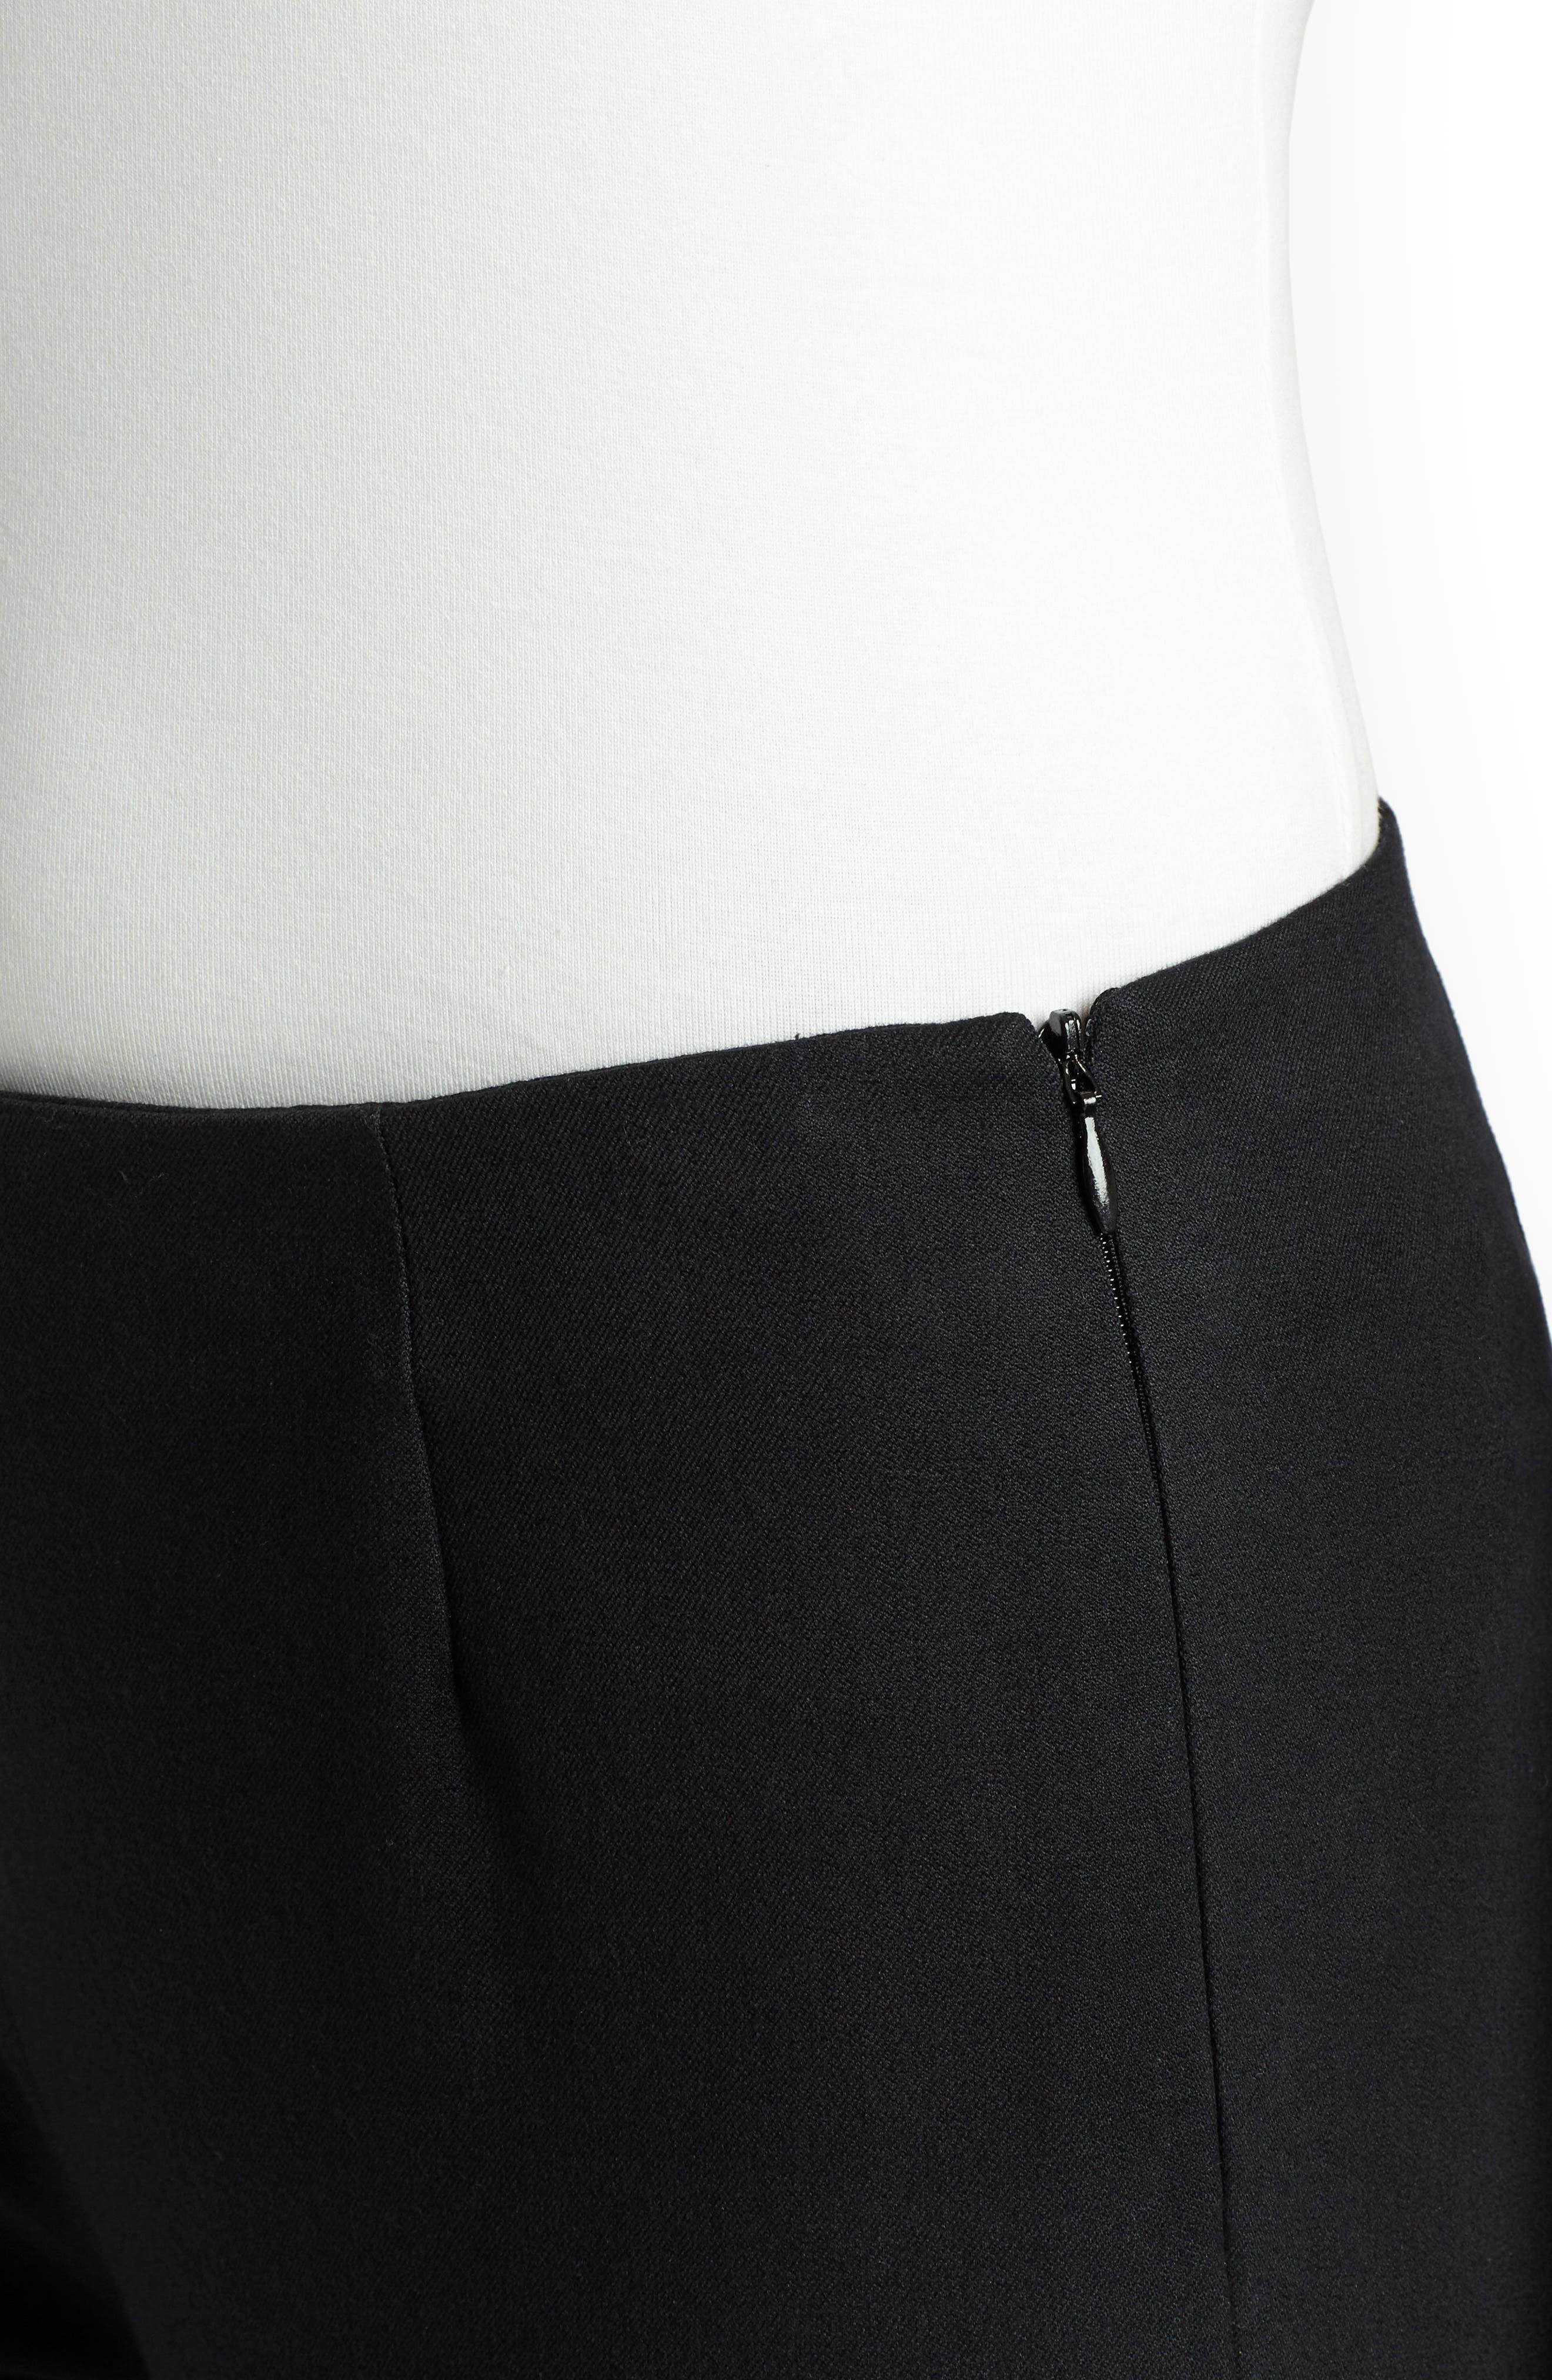 Lexington Stretch Cotton Crop Pants,                             Alternate thumbnail 4, color,                             BLACK